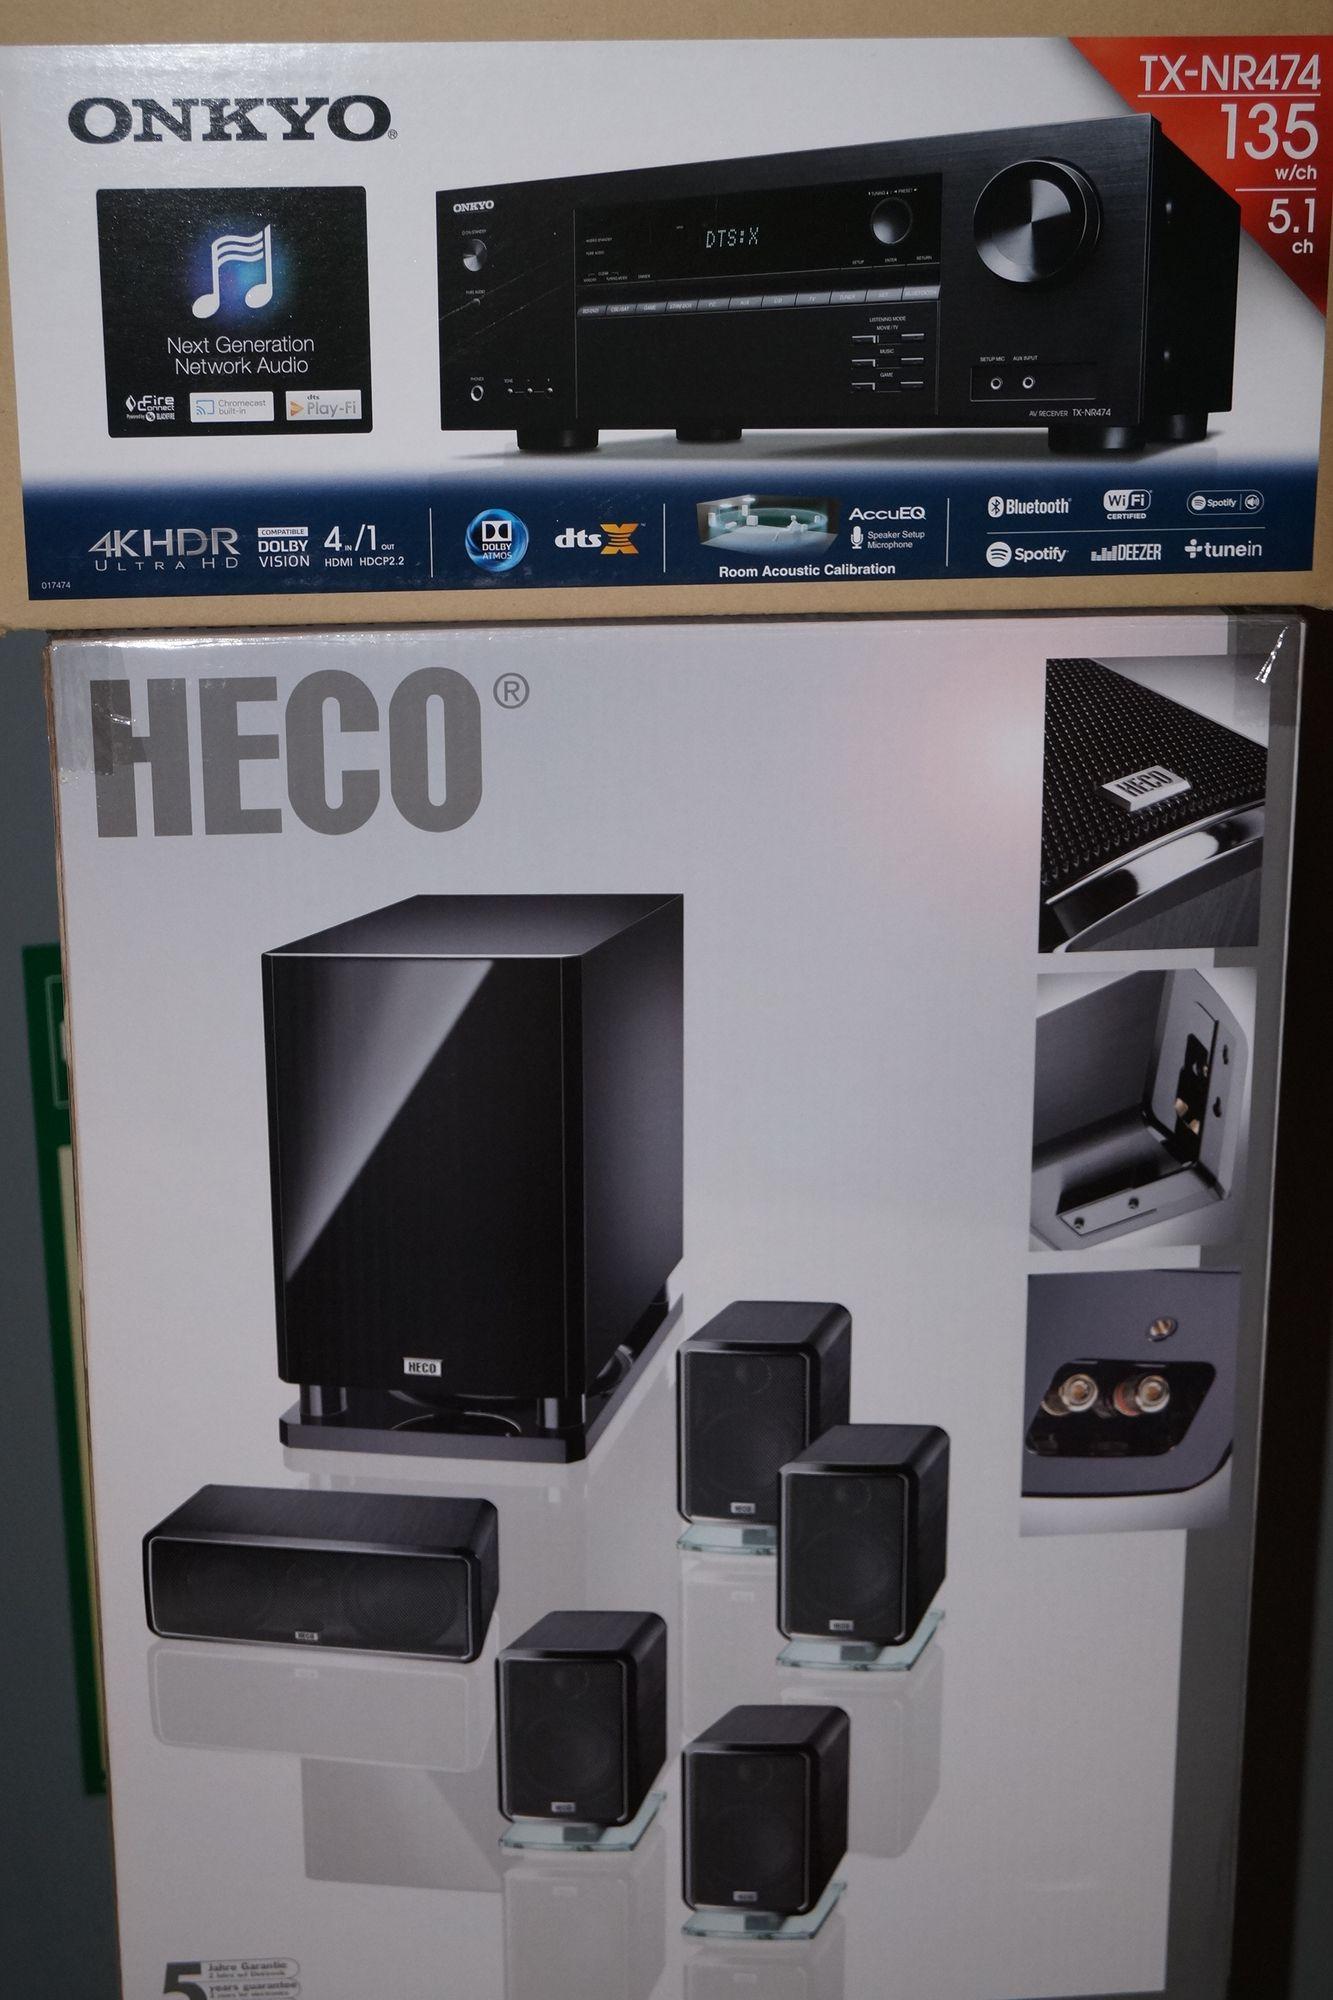 B Ware Heco Ambient 5.1 A, und Onkyo TX NR474  Heimkino-System mit Aktiv- Subwoofer  – Bild 1